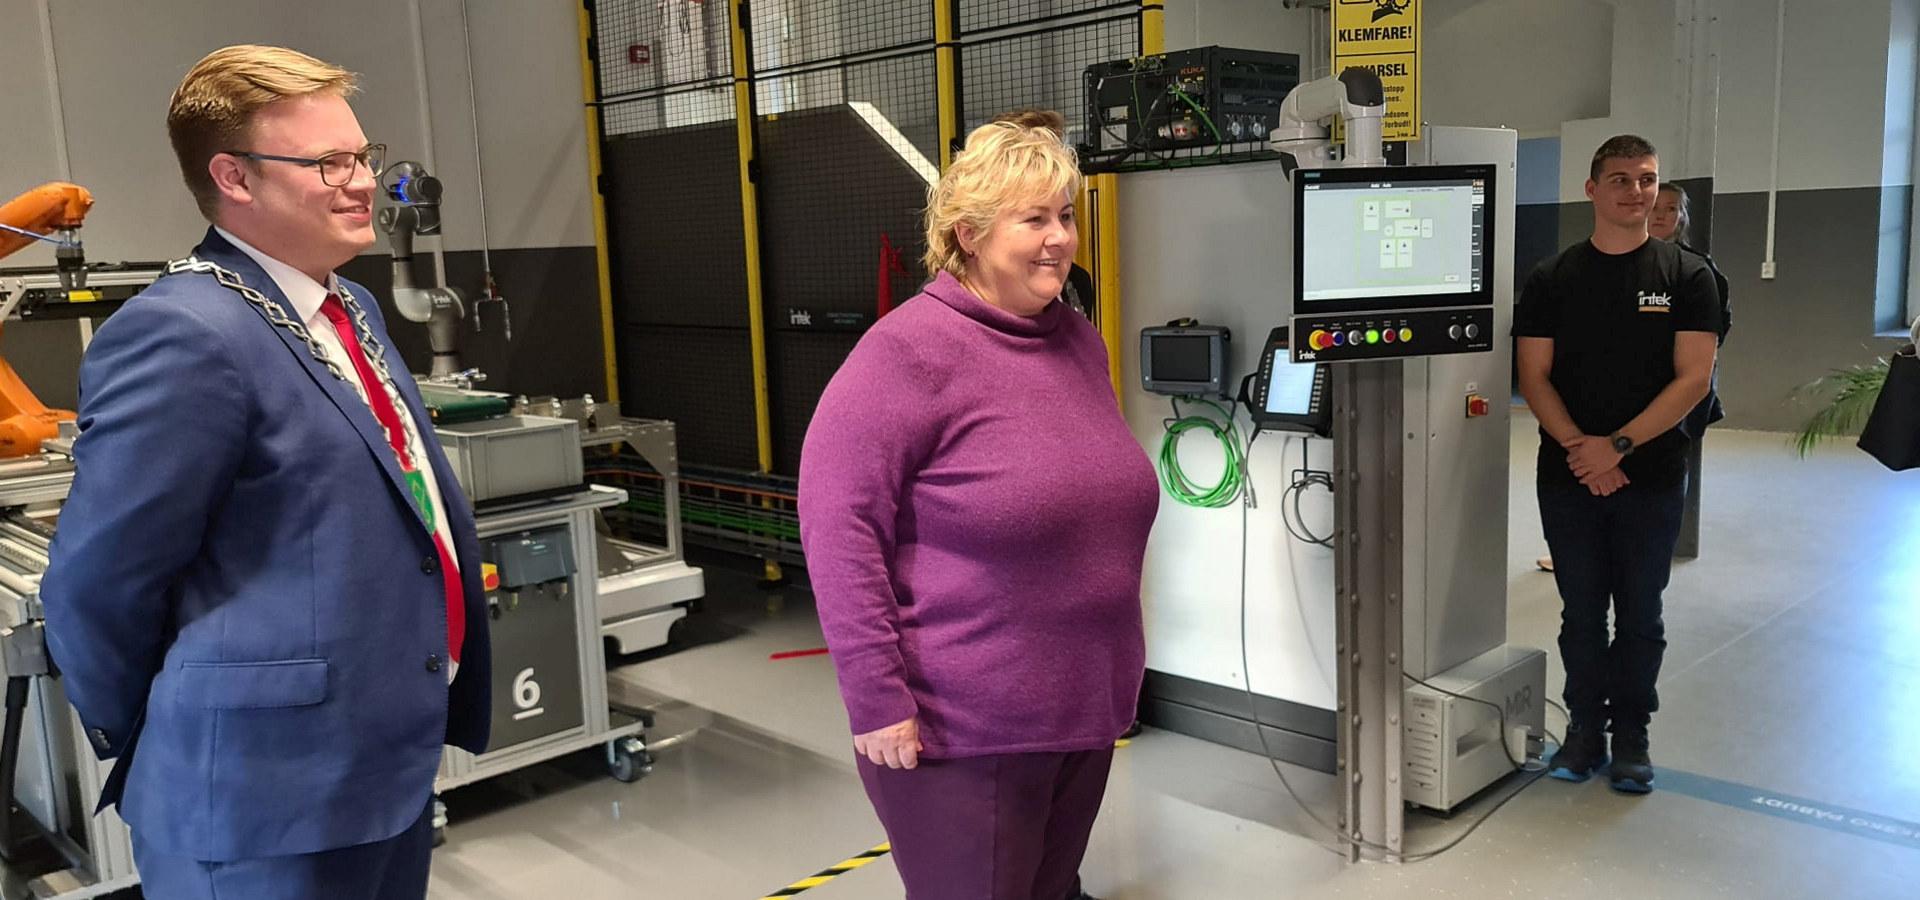 Statsminister Erna Solberg åpnet den nye Læringsfabrikken på Raufoss 2. september 2020. Foto: OFII